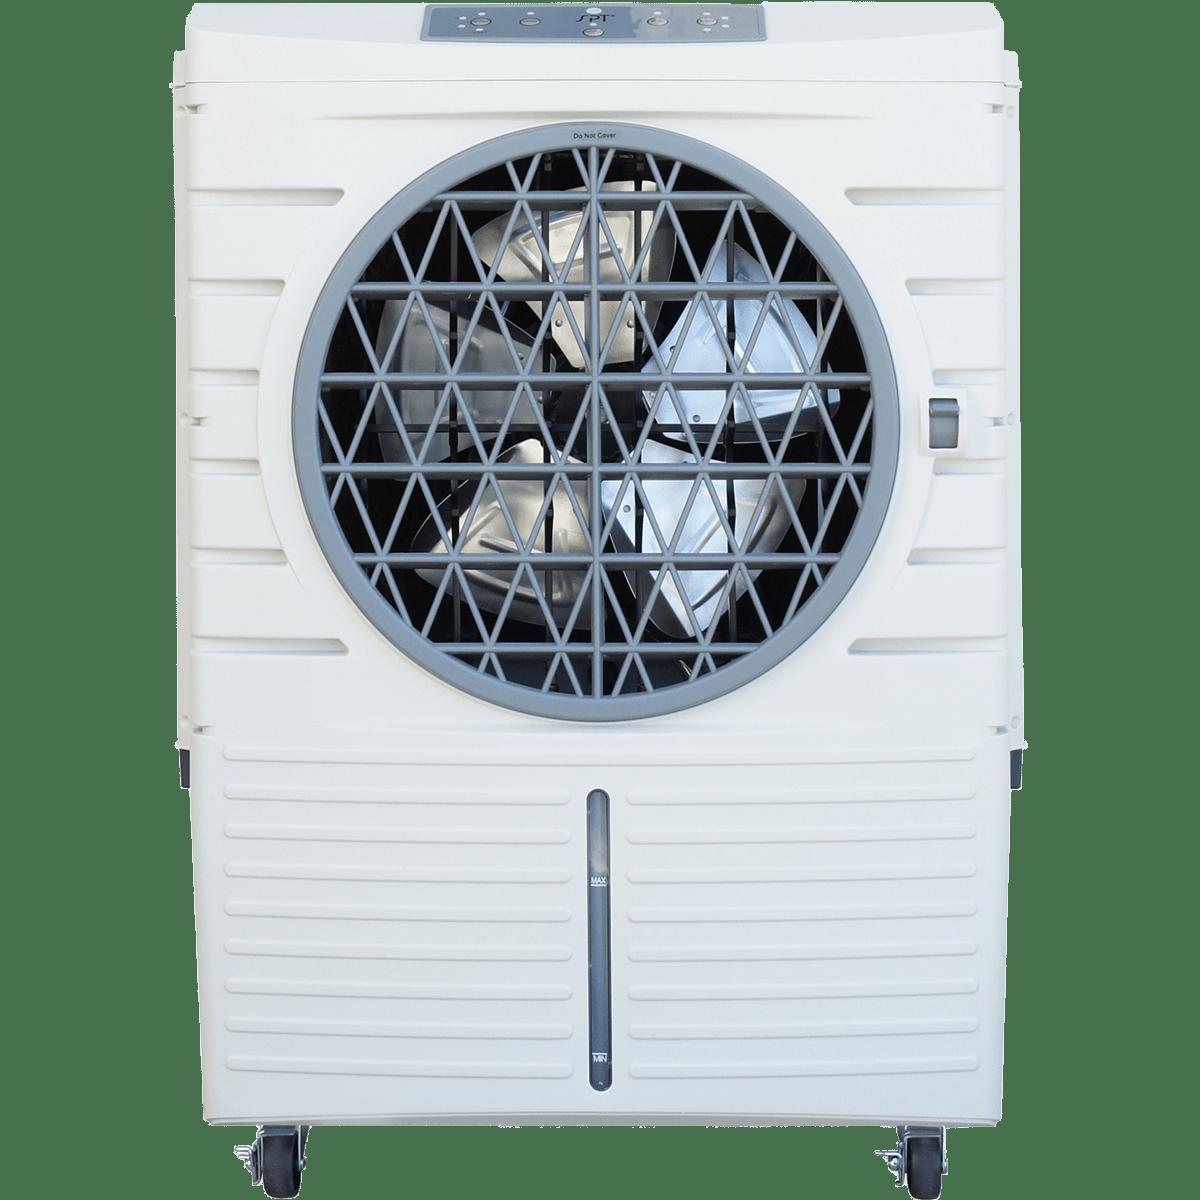 Sunpentown SF-48LB Heavy-Duty Indoor/Outdoor Evaporative Air Cooler with Remote Control su5489